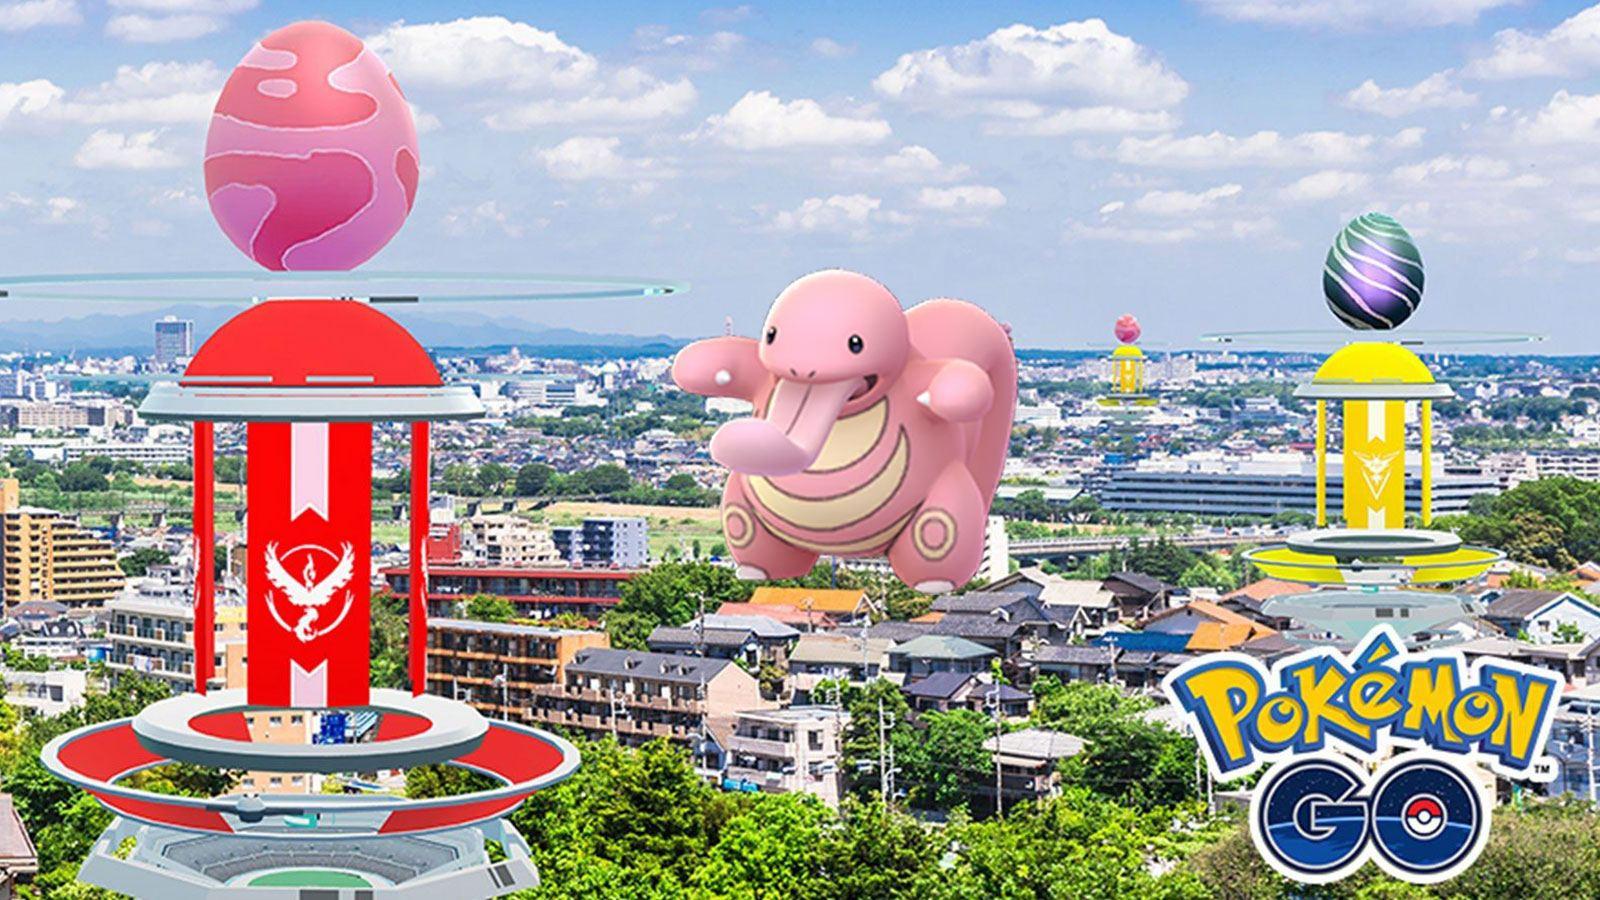 événements février pokémon Go Niantic